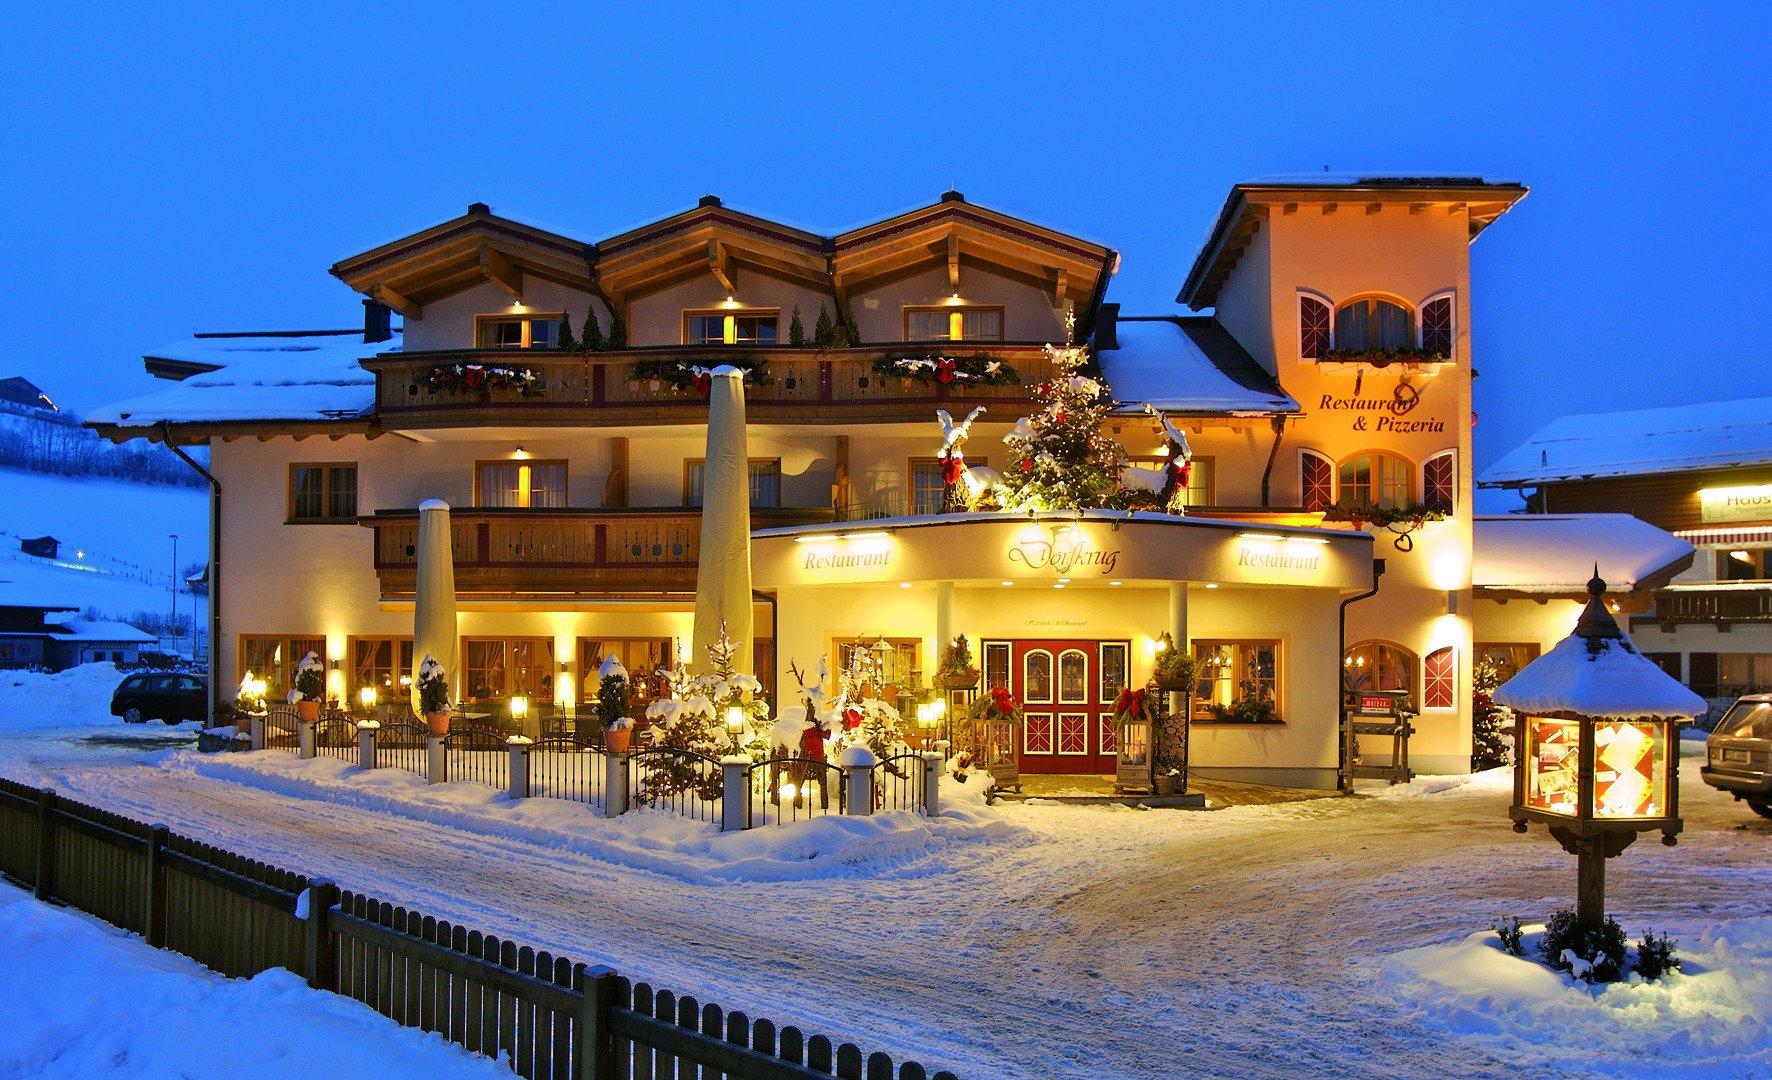 ドーフクラグ カプルーン ホテル